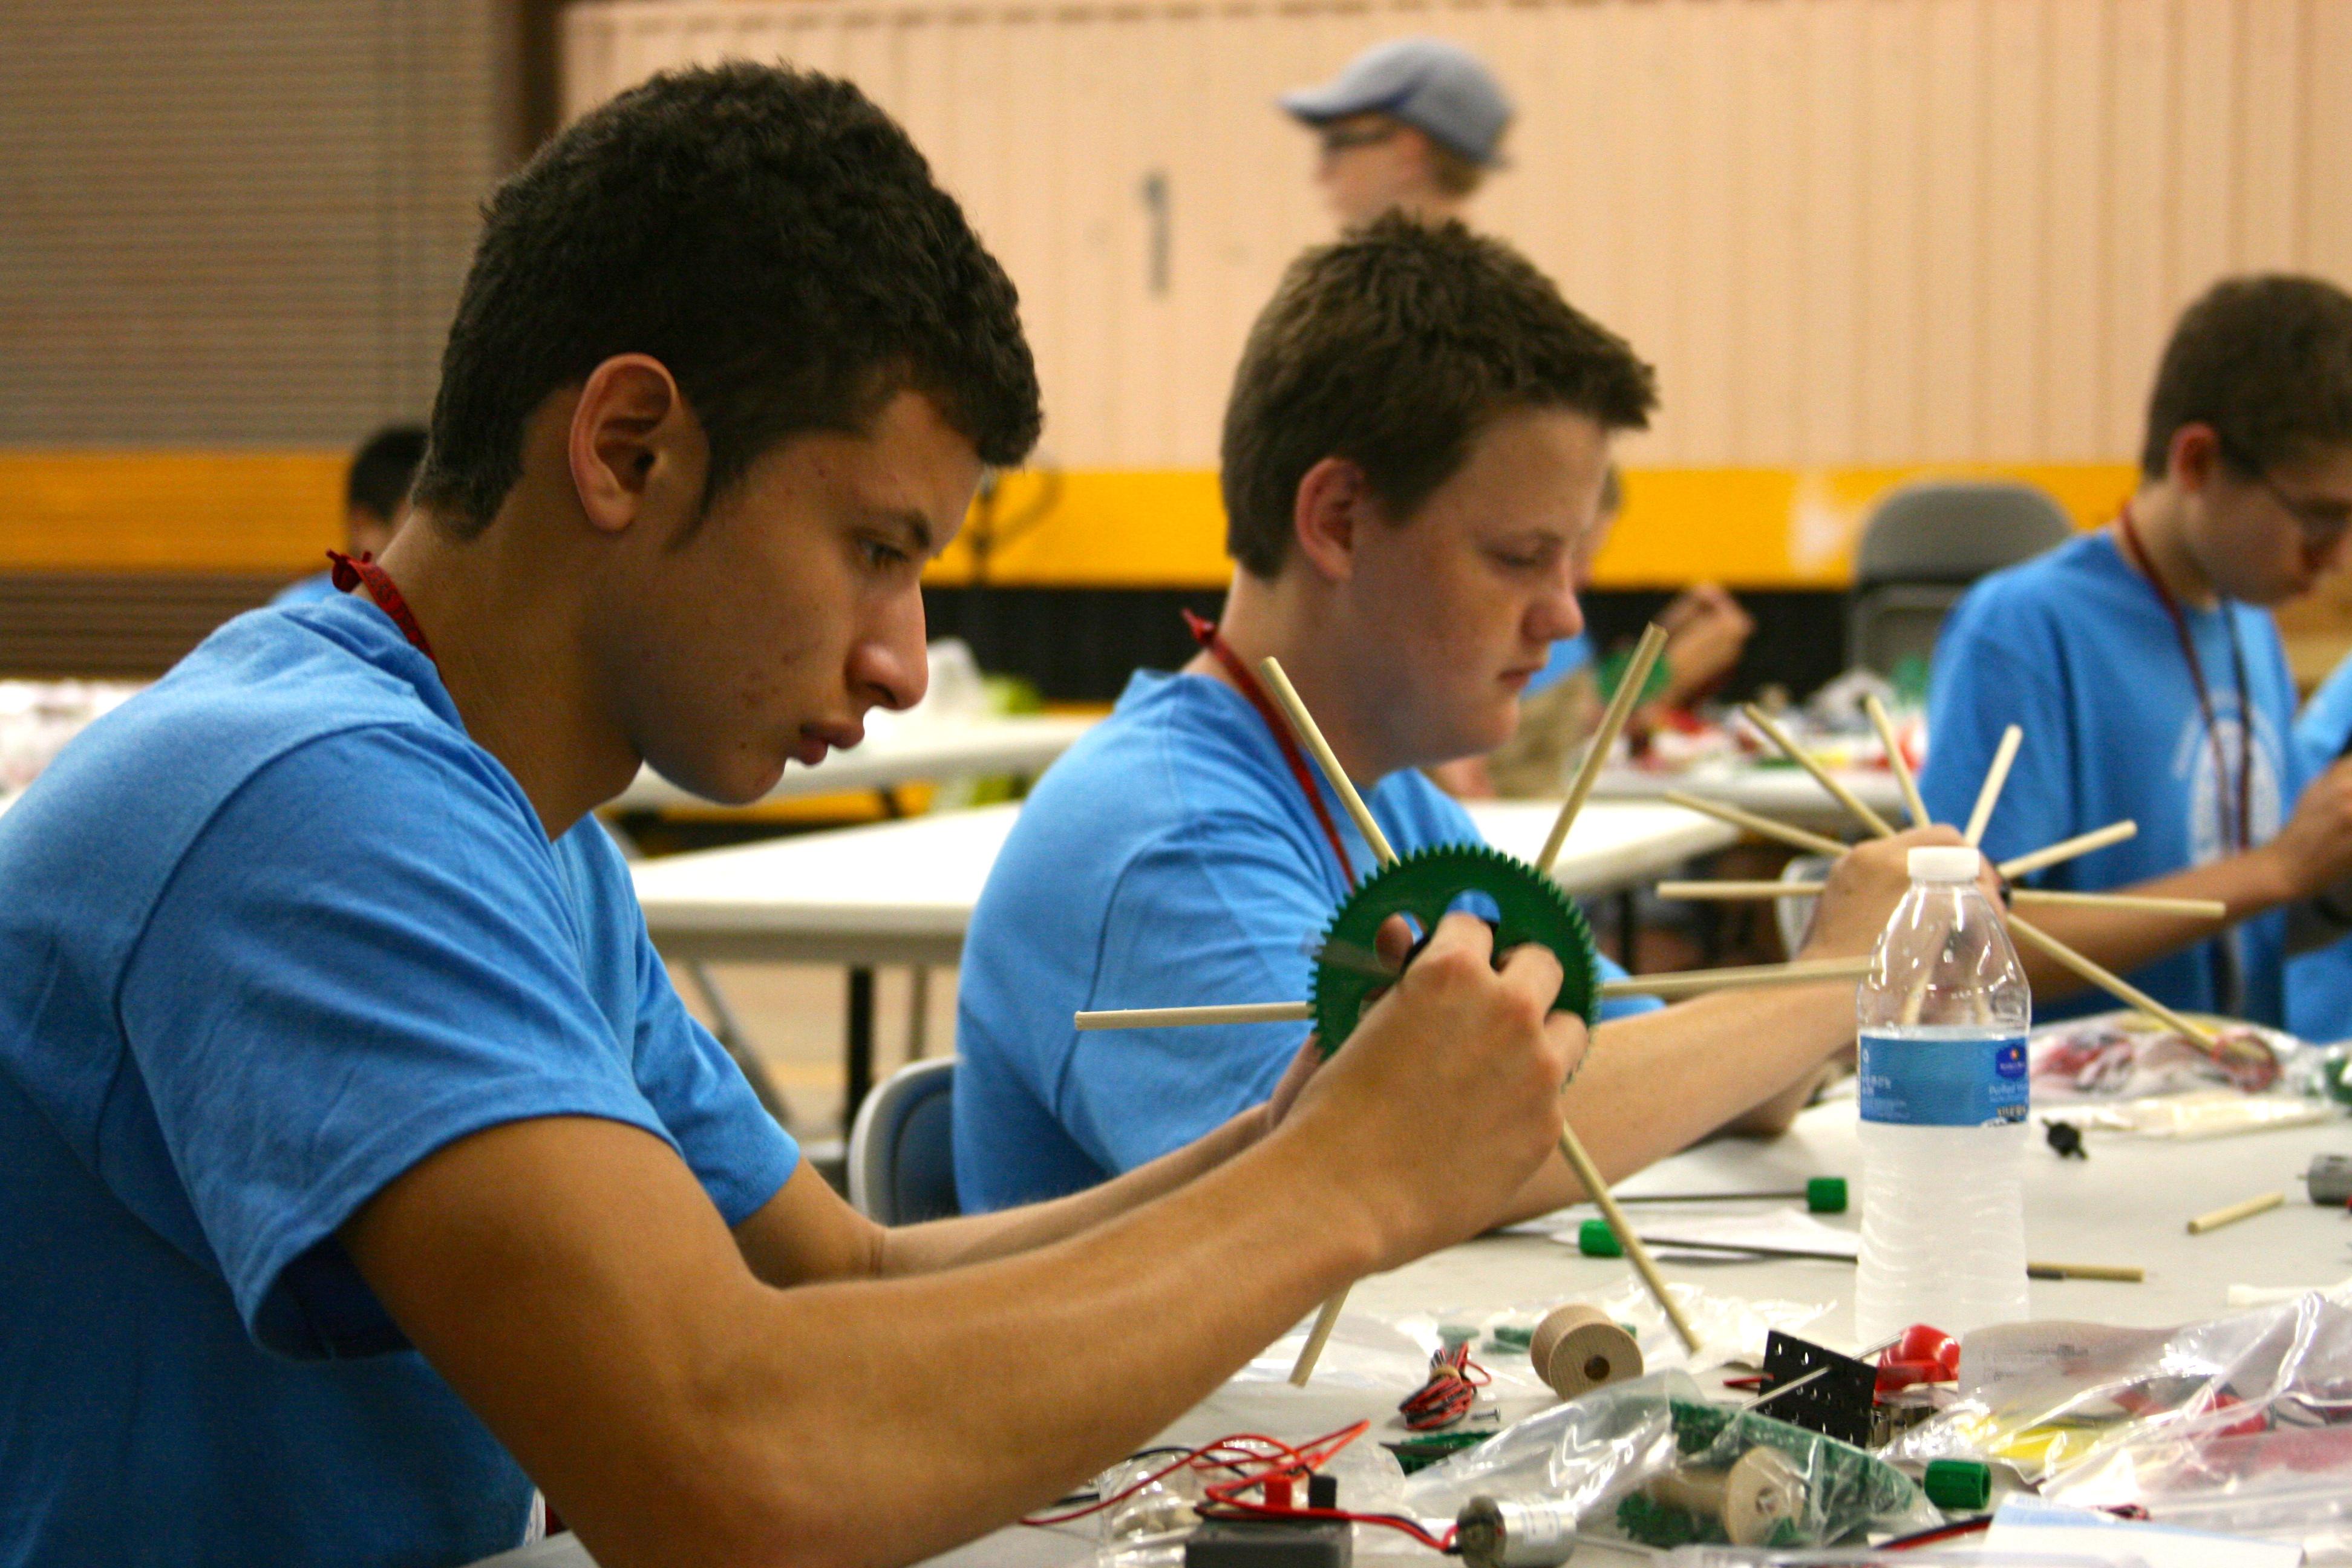 Summer Program - Enrichment | Texas Tech University - IDEAL